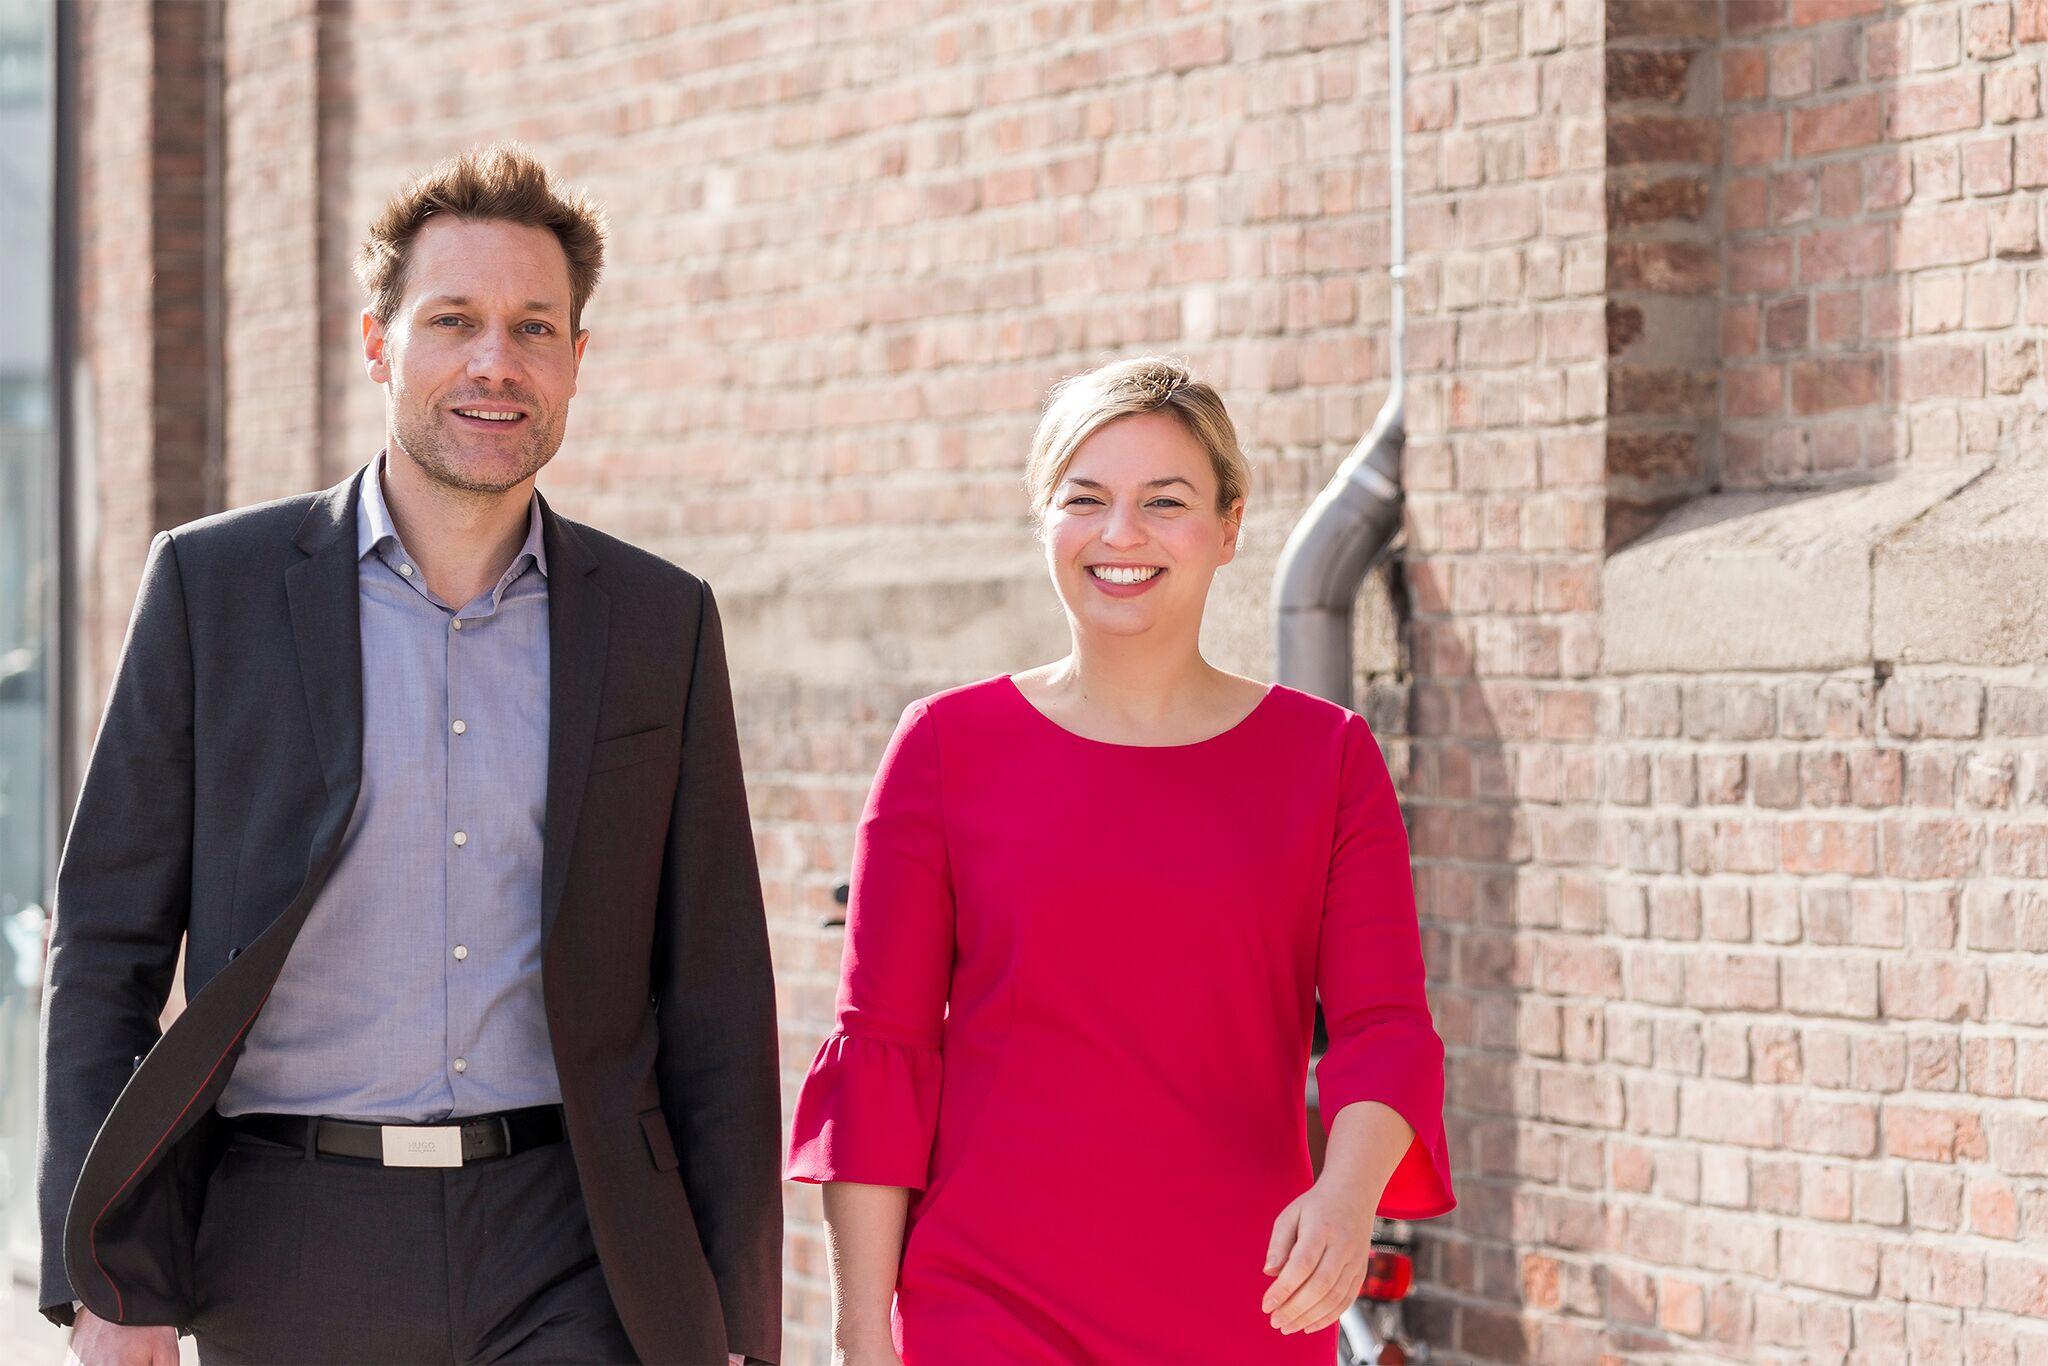 Ludwig Hartmann und ich führen die Grünen im Landtagswahlkampf 2018. Danke für mein tolles Ergebnis von knapp 90% bei der Grünen Urwahl!